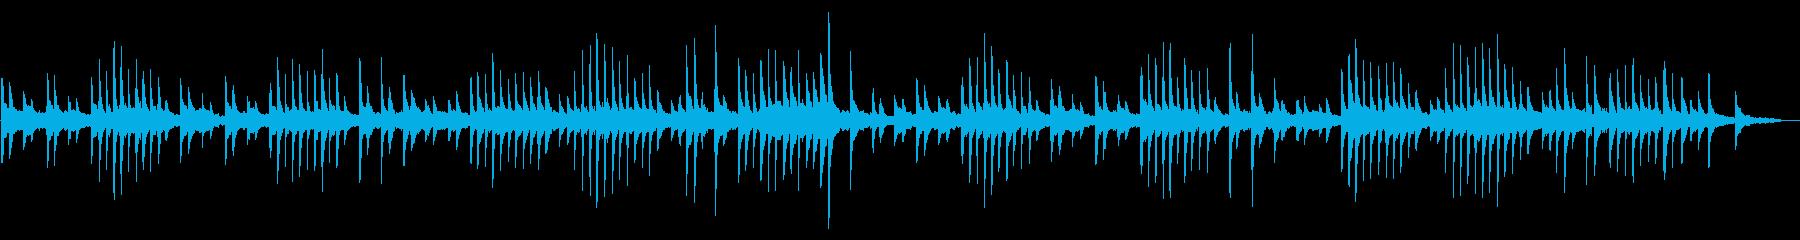 サティの名曲をレトロなフェルトピアノでの再生済みの波形